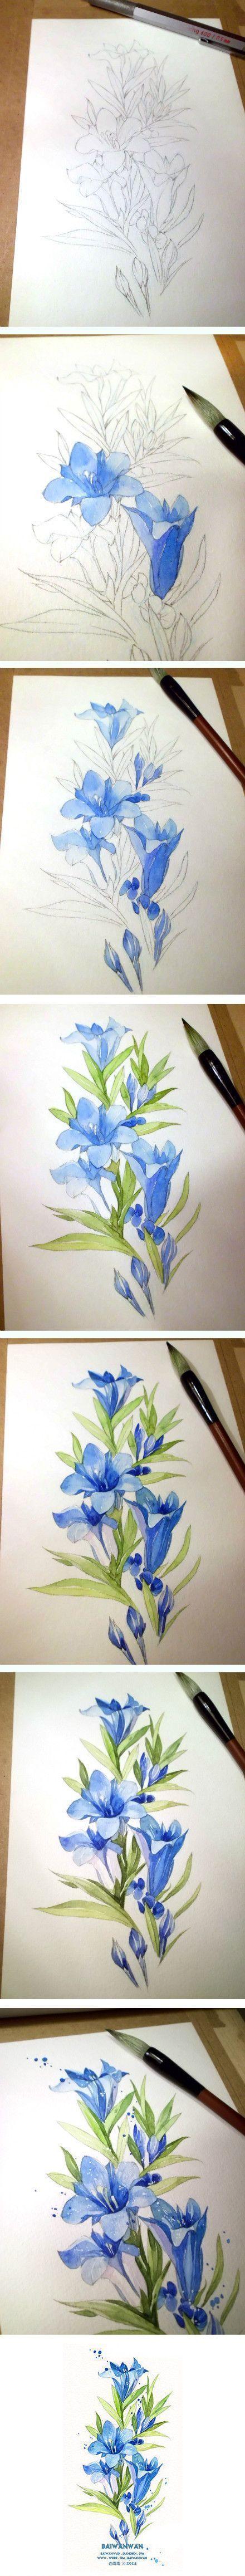 Om zelf te maken en te kleuren